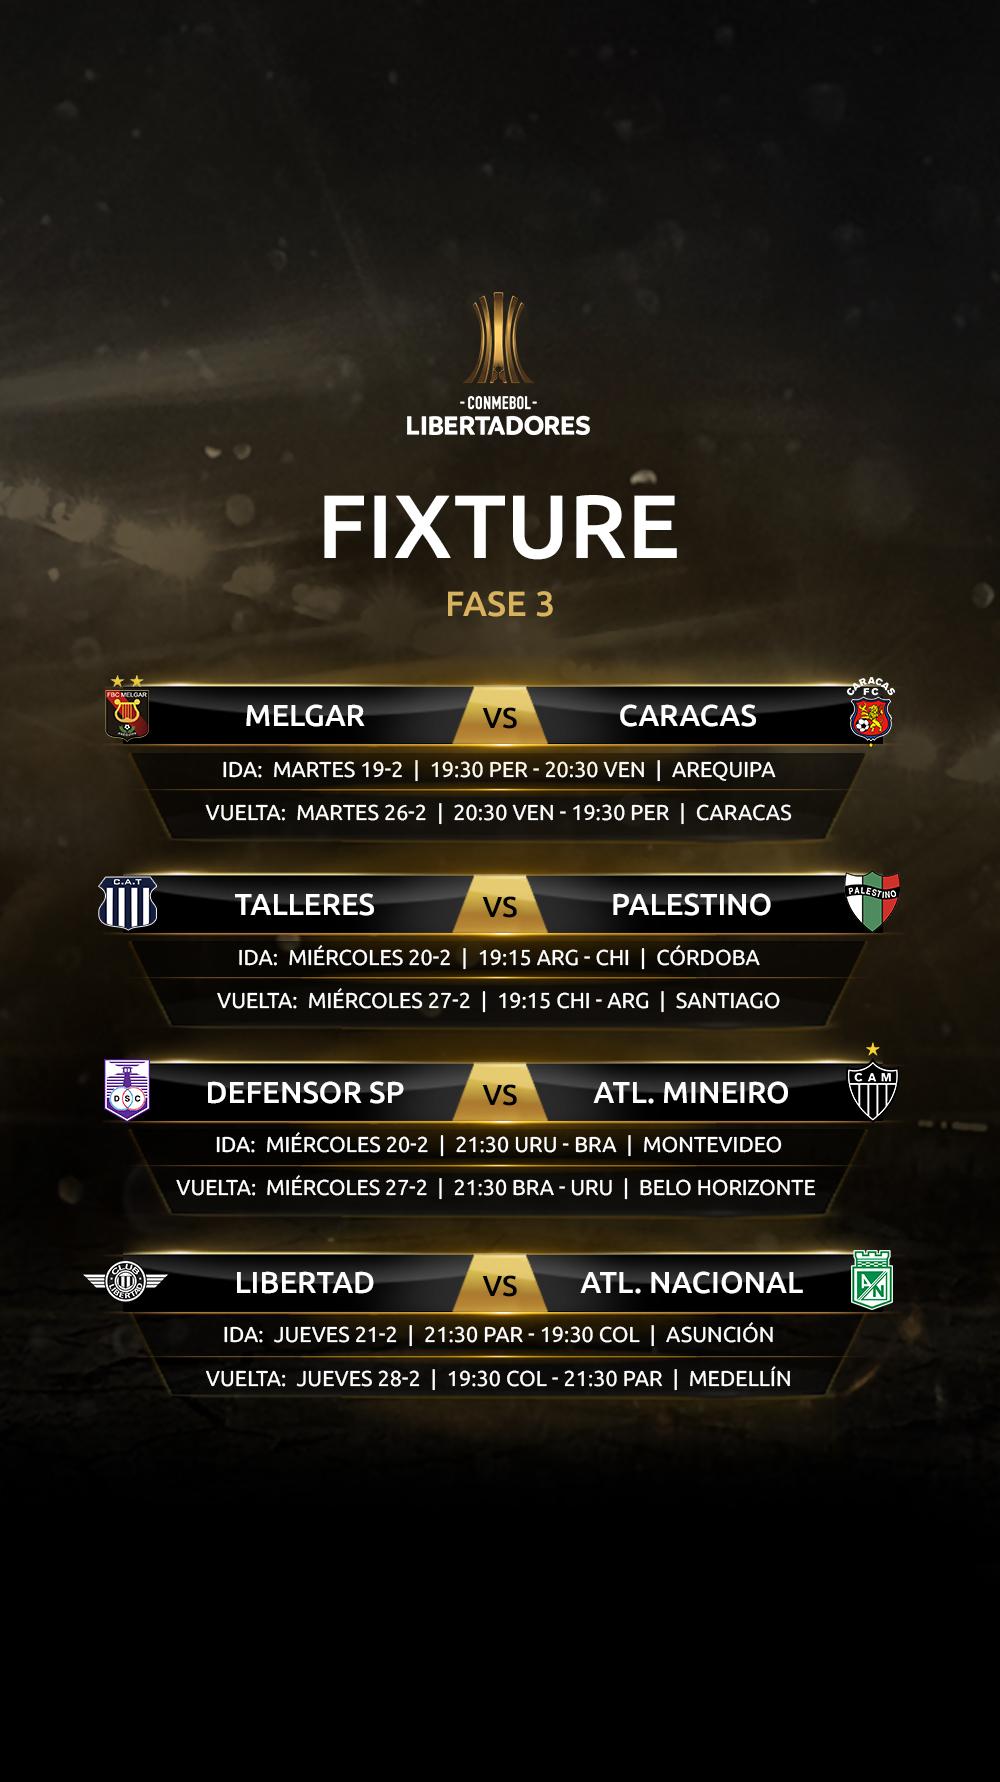 Fixture Fase 3 Copa Libertadores 2019